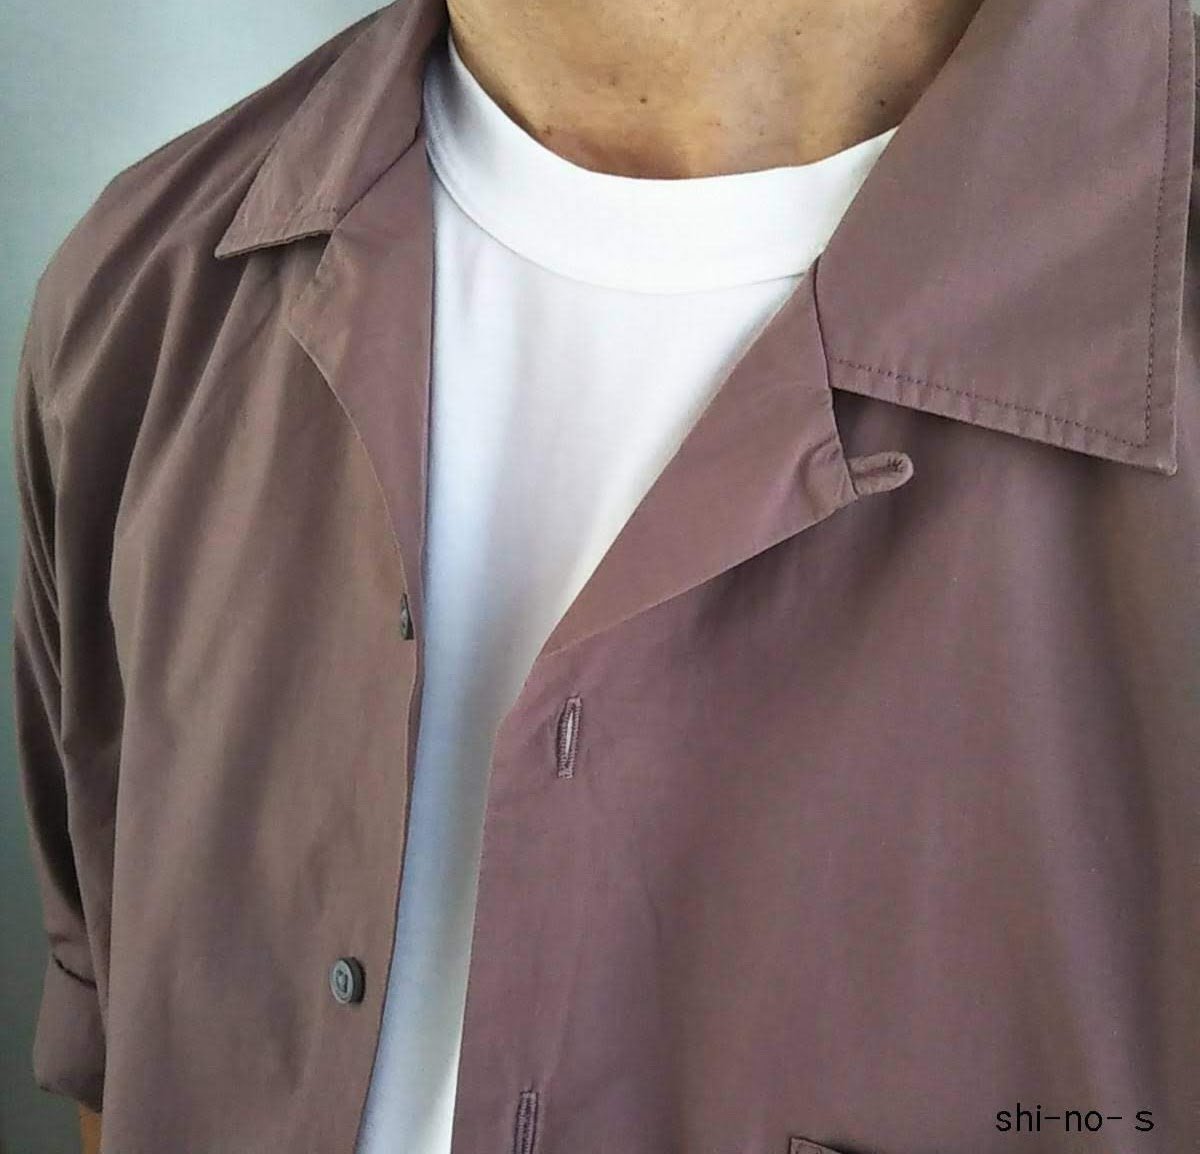 オープンカラーシャツの胸元をアップ